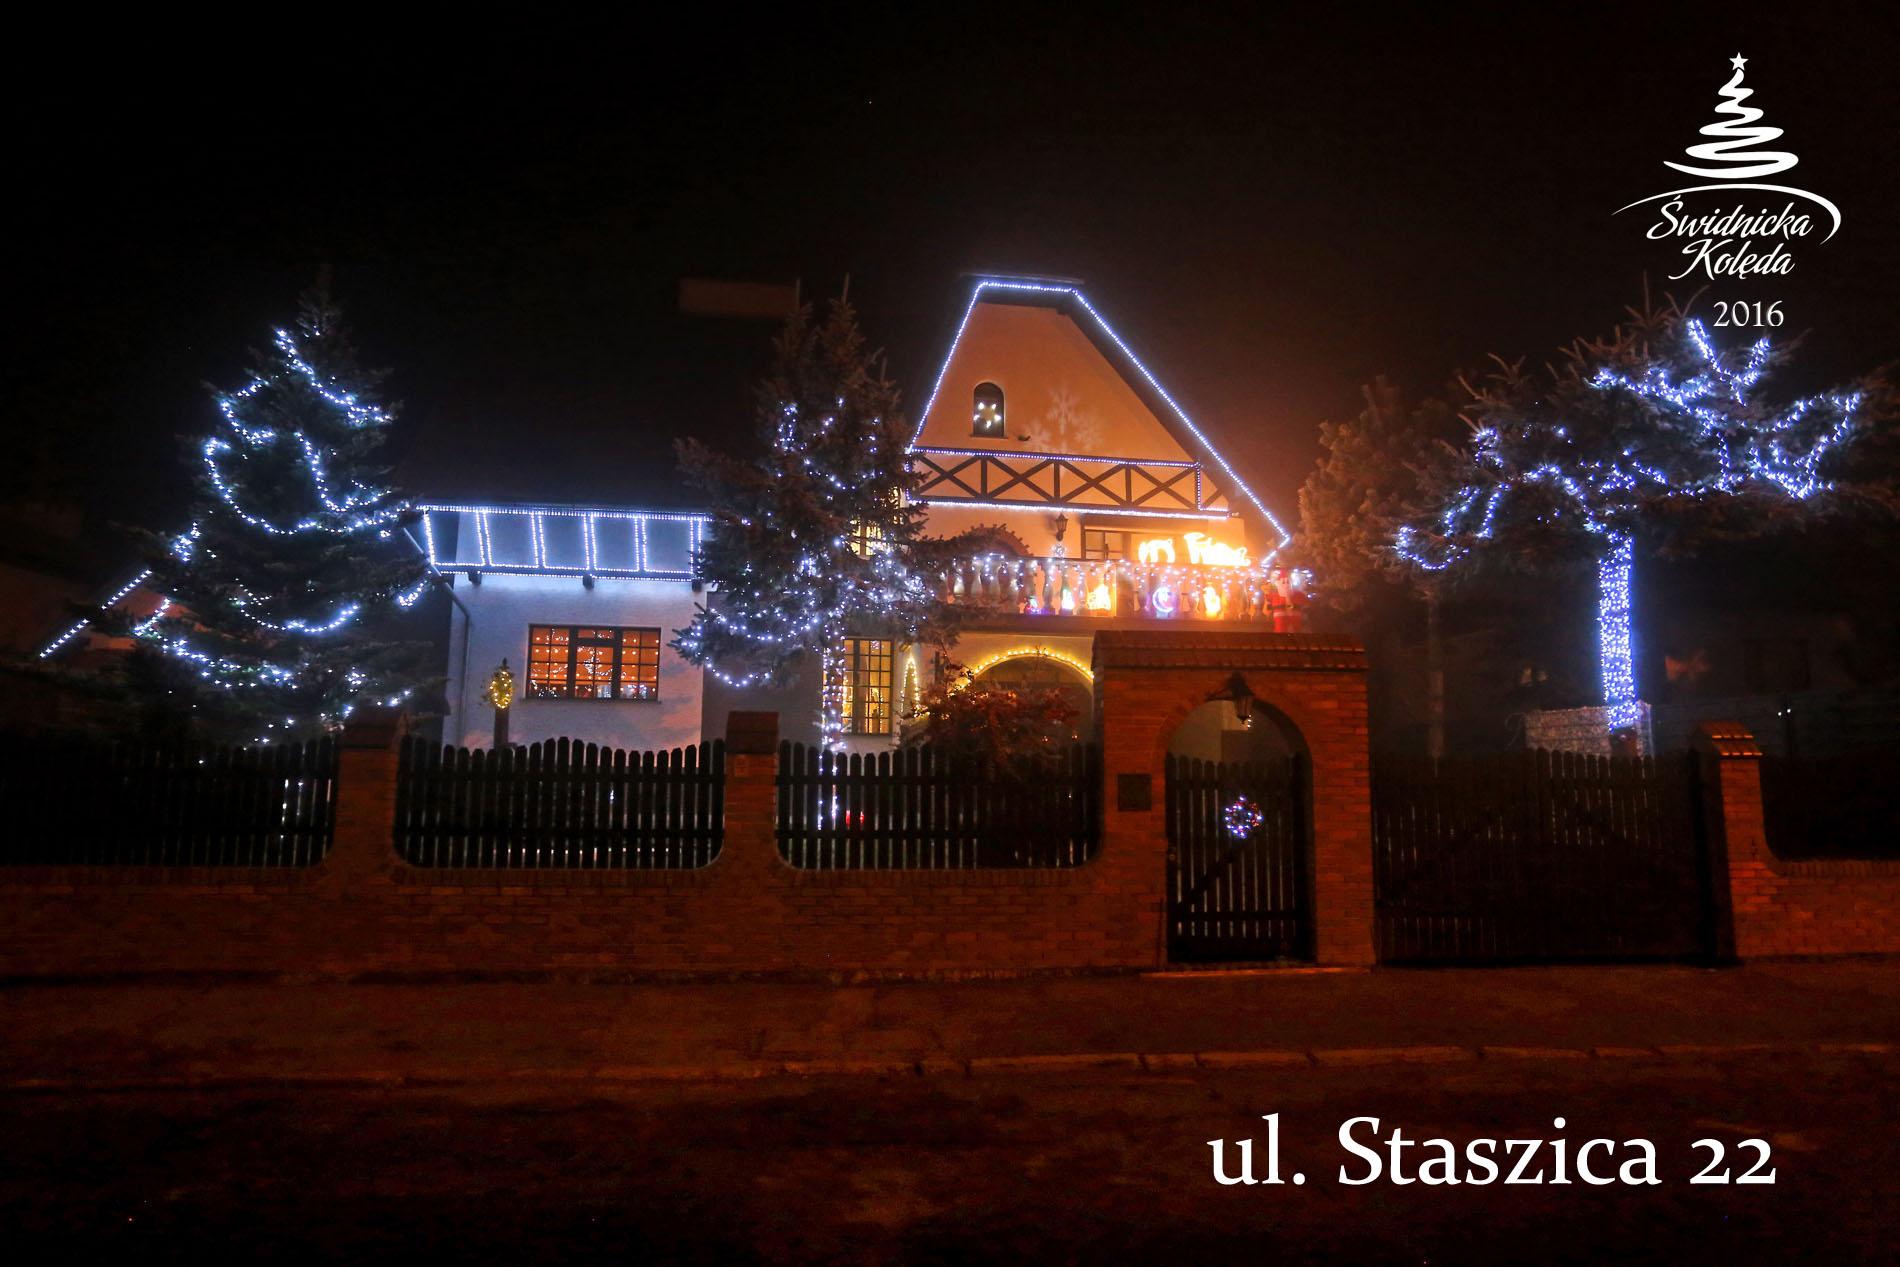 ii-staszica22